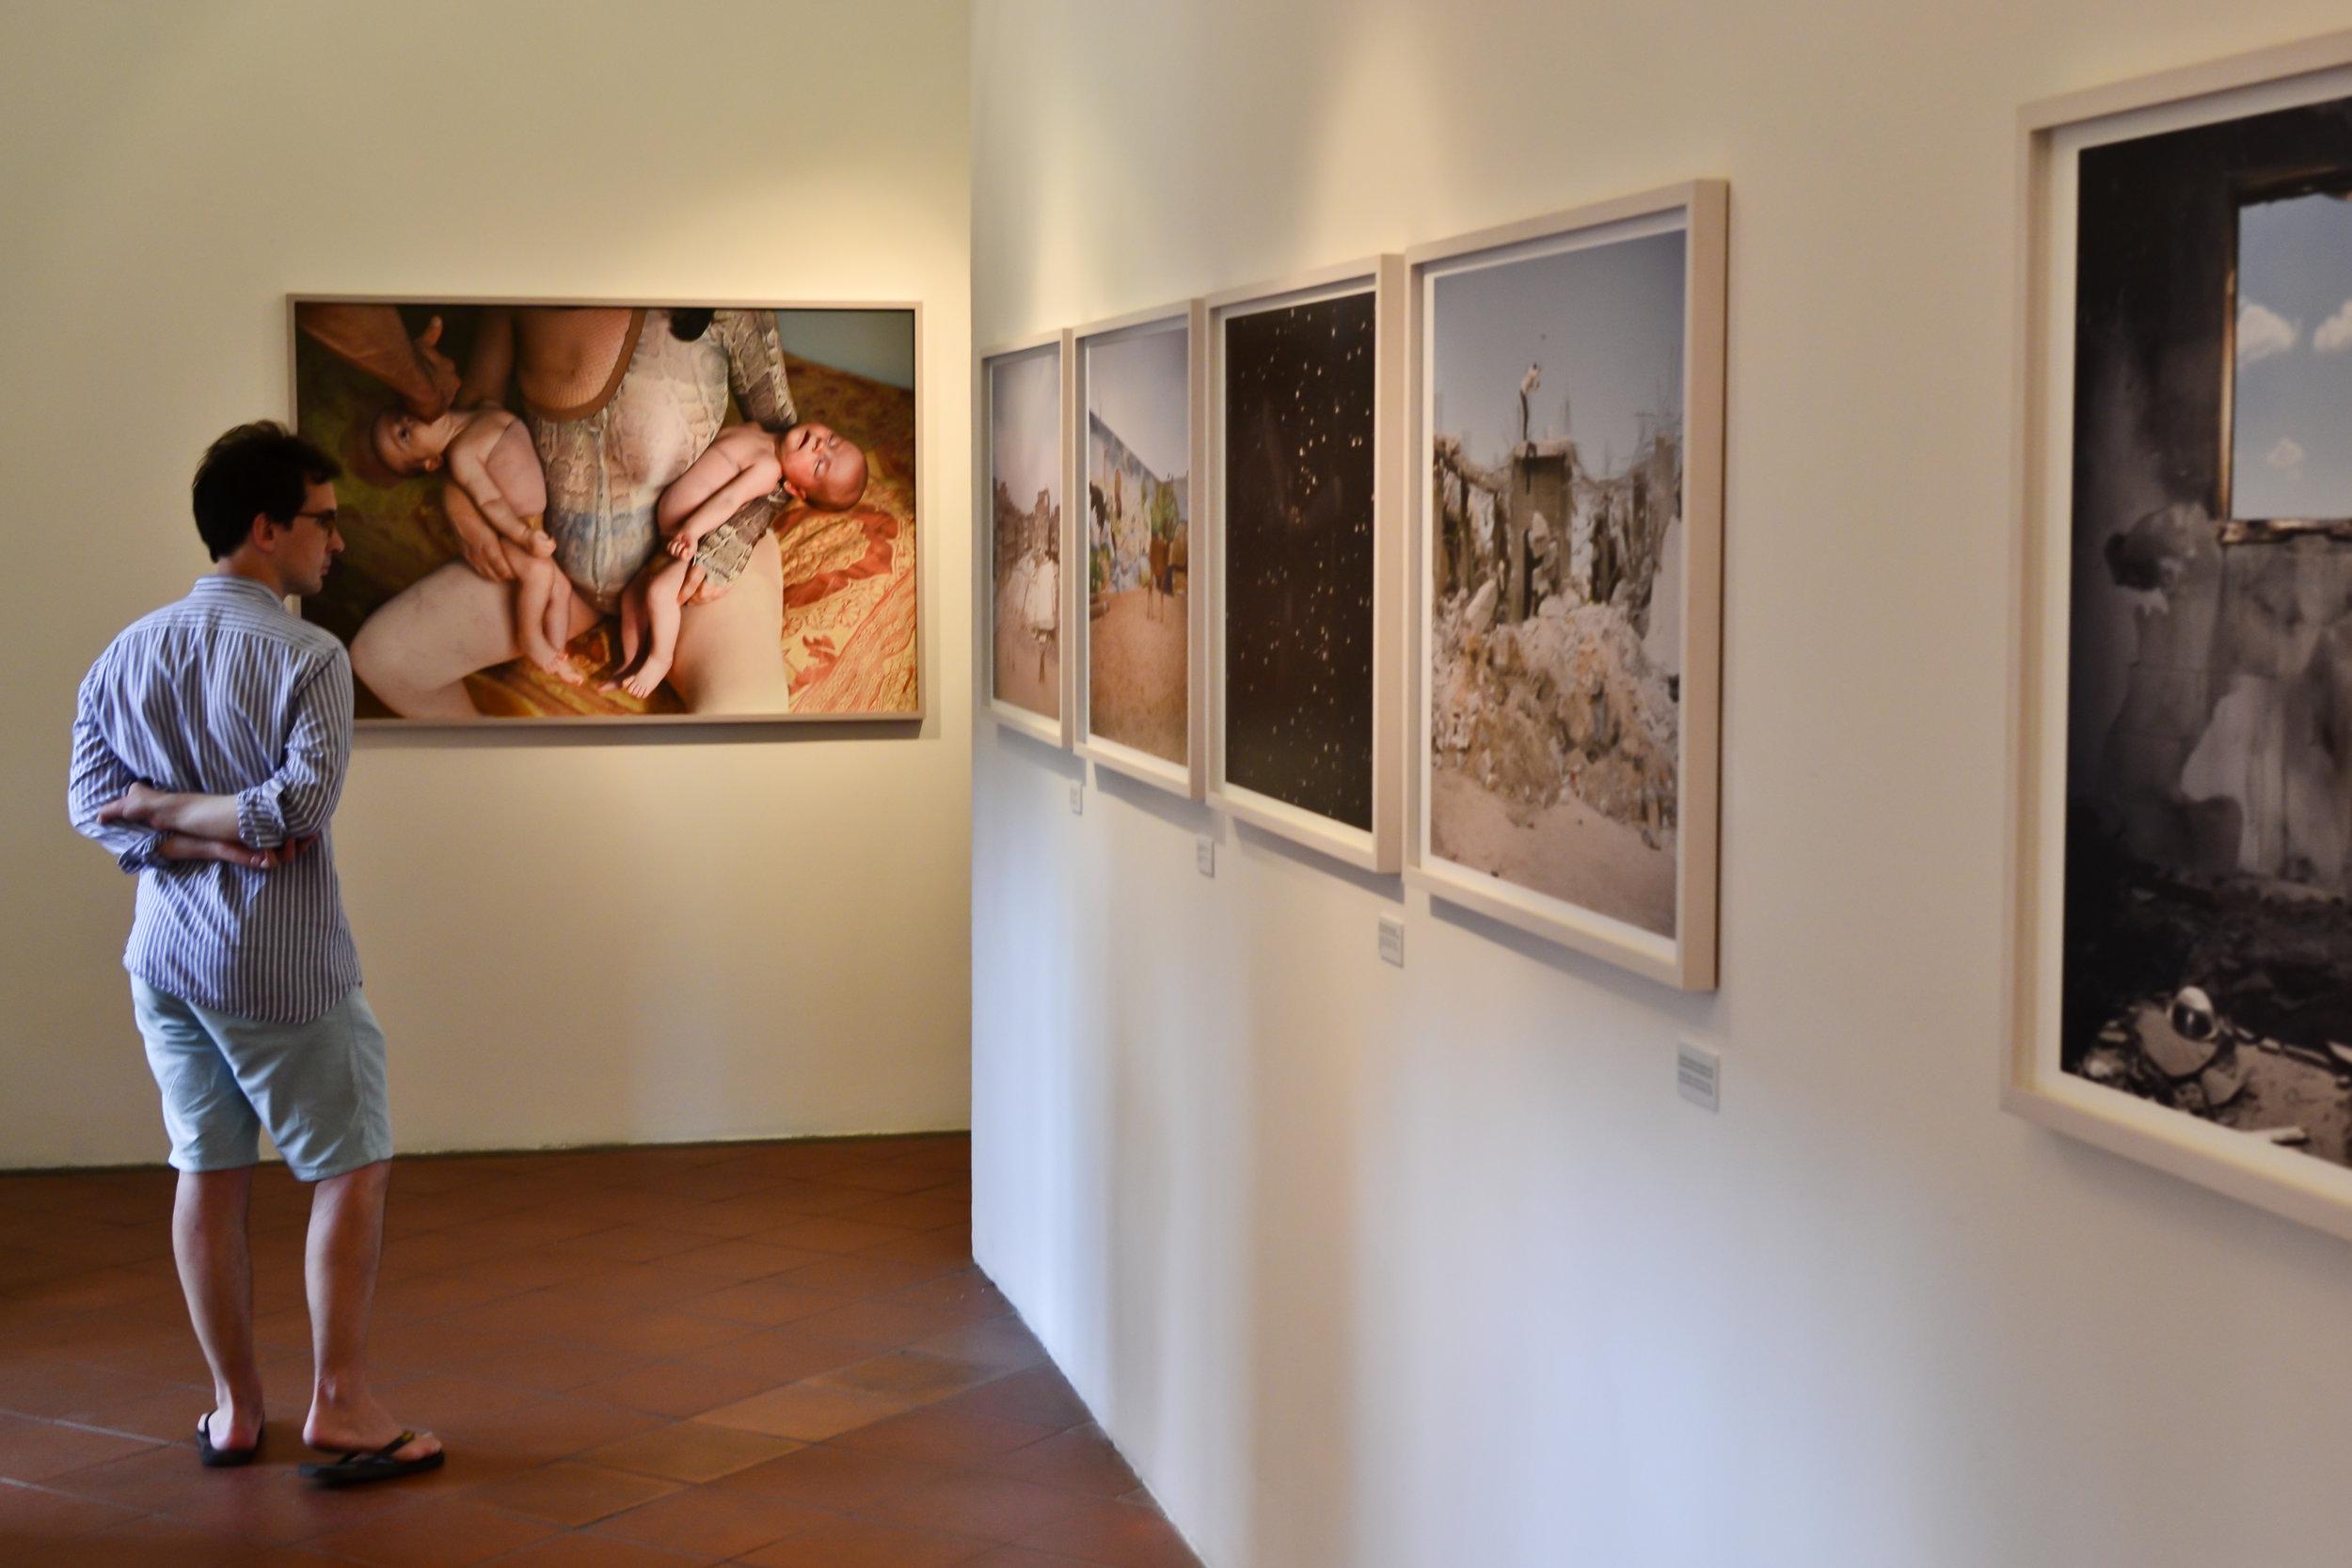 In mostra ci sono circa 250 fotografie di 19 fotografi - Foto: Rafael Belincanta